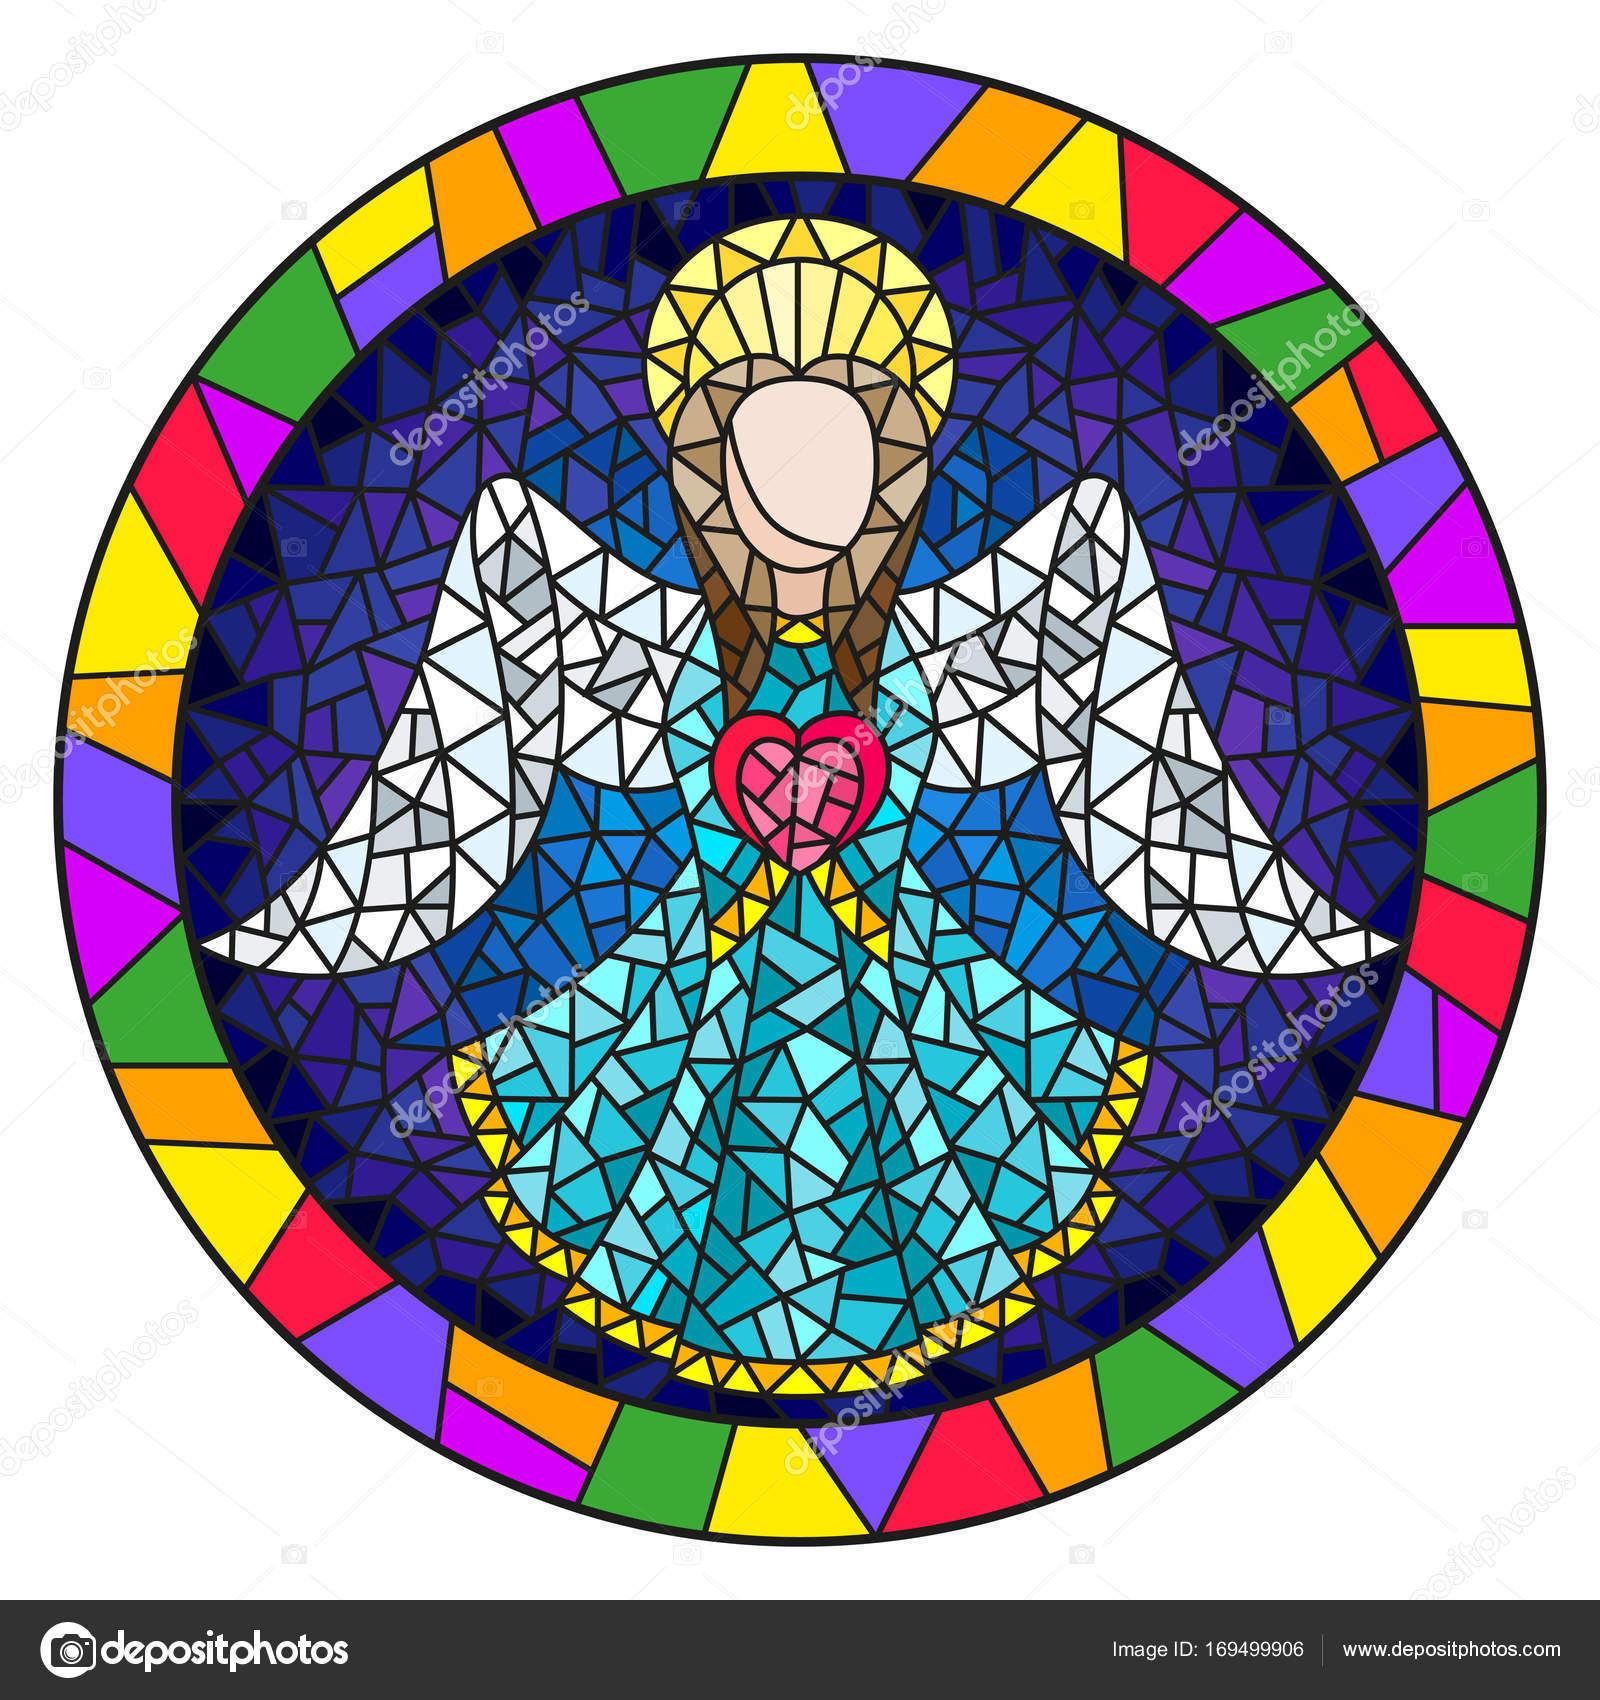 Abbildung in Glasmalerei-Stil mit einem abstrakten Engel im blauen ...